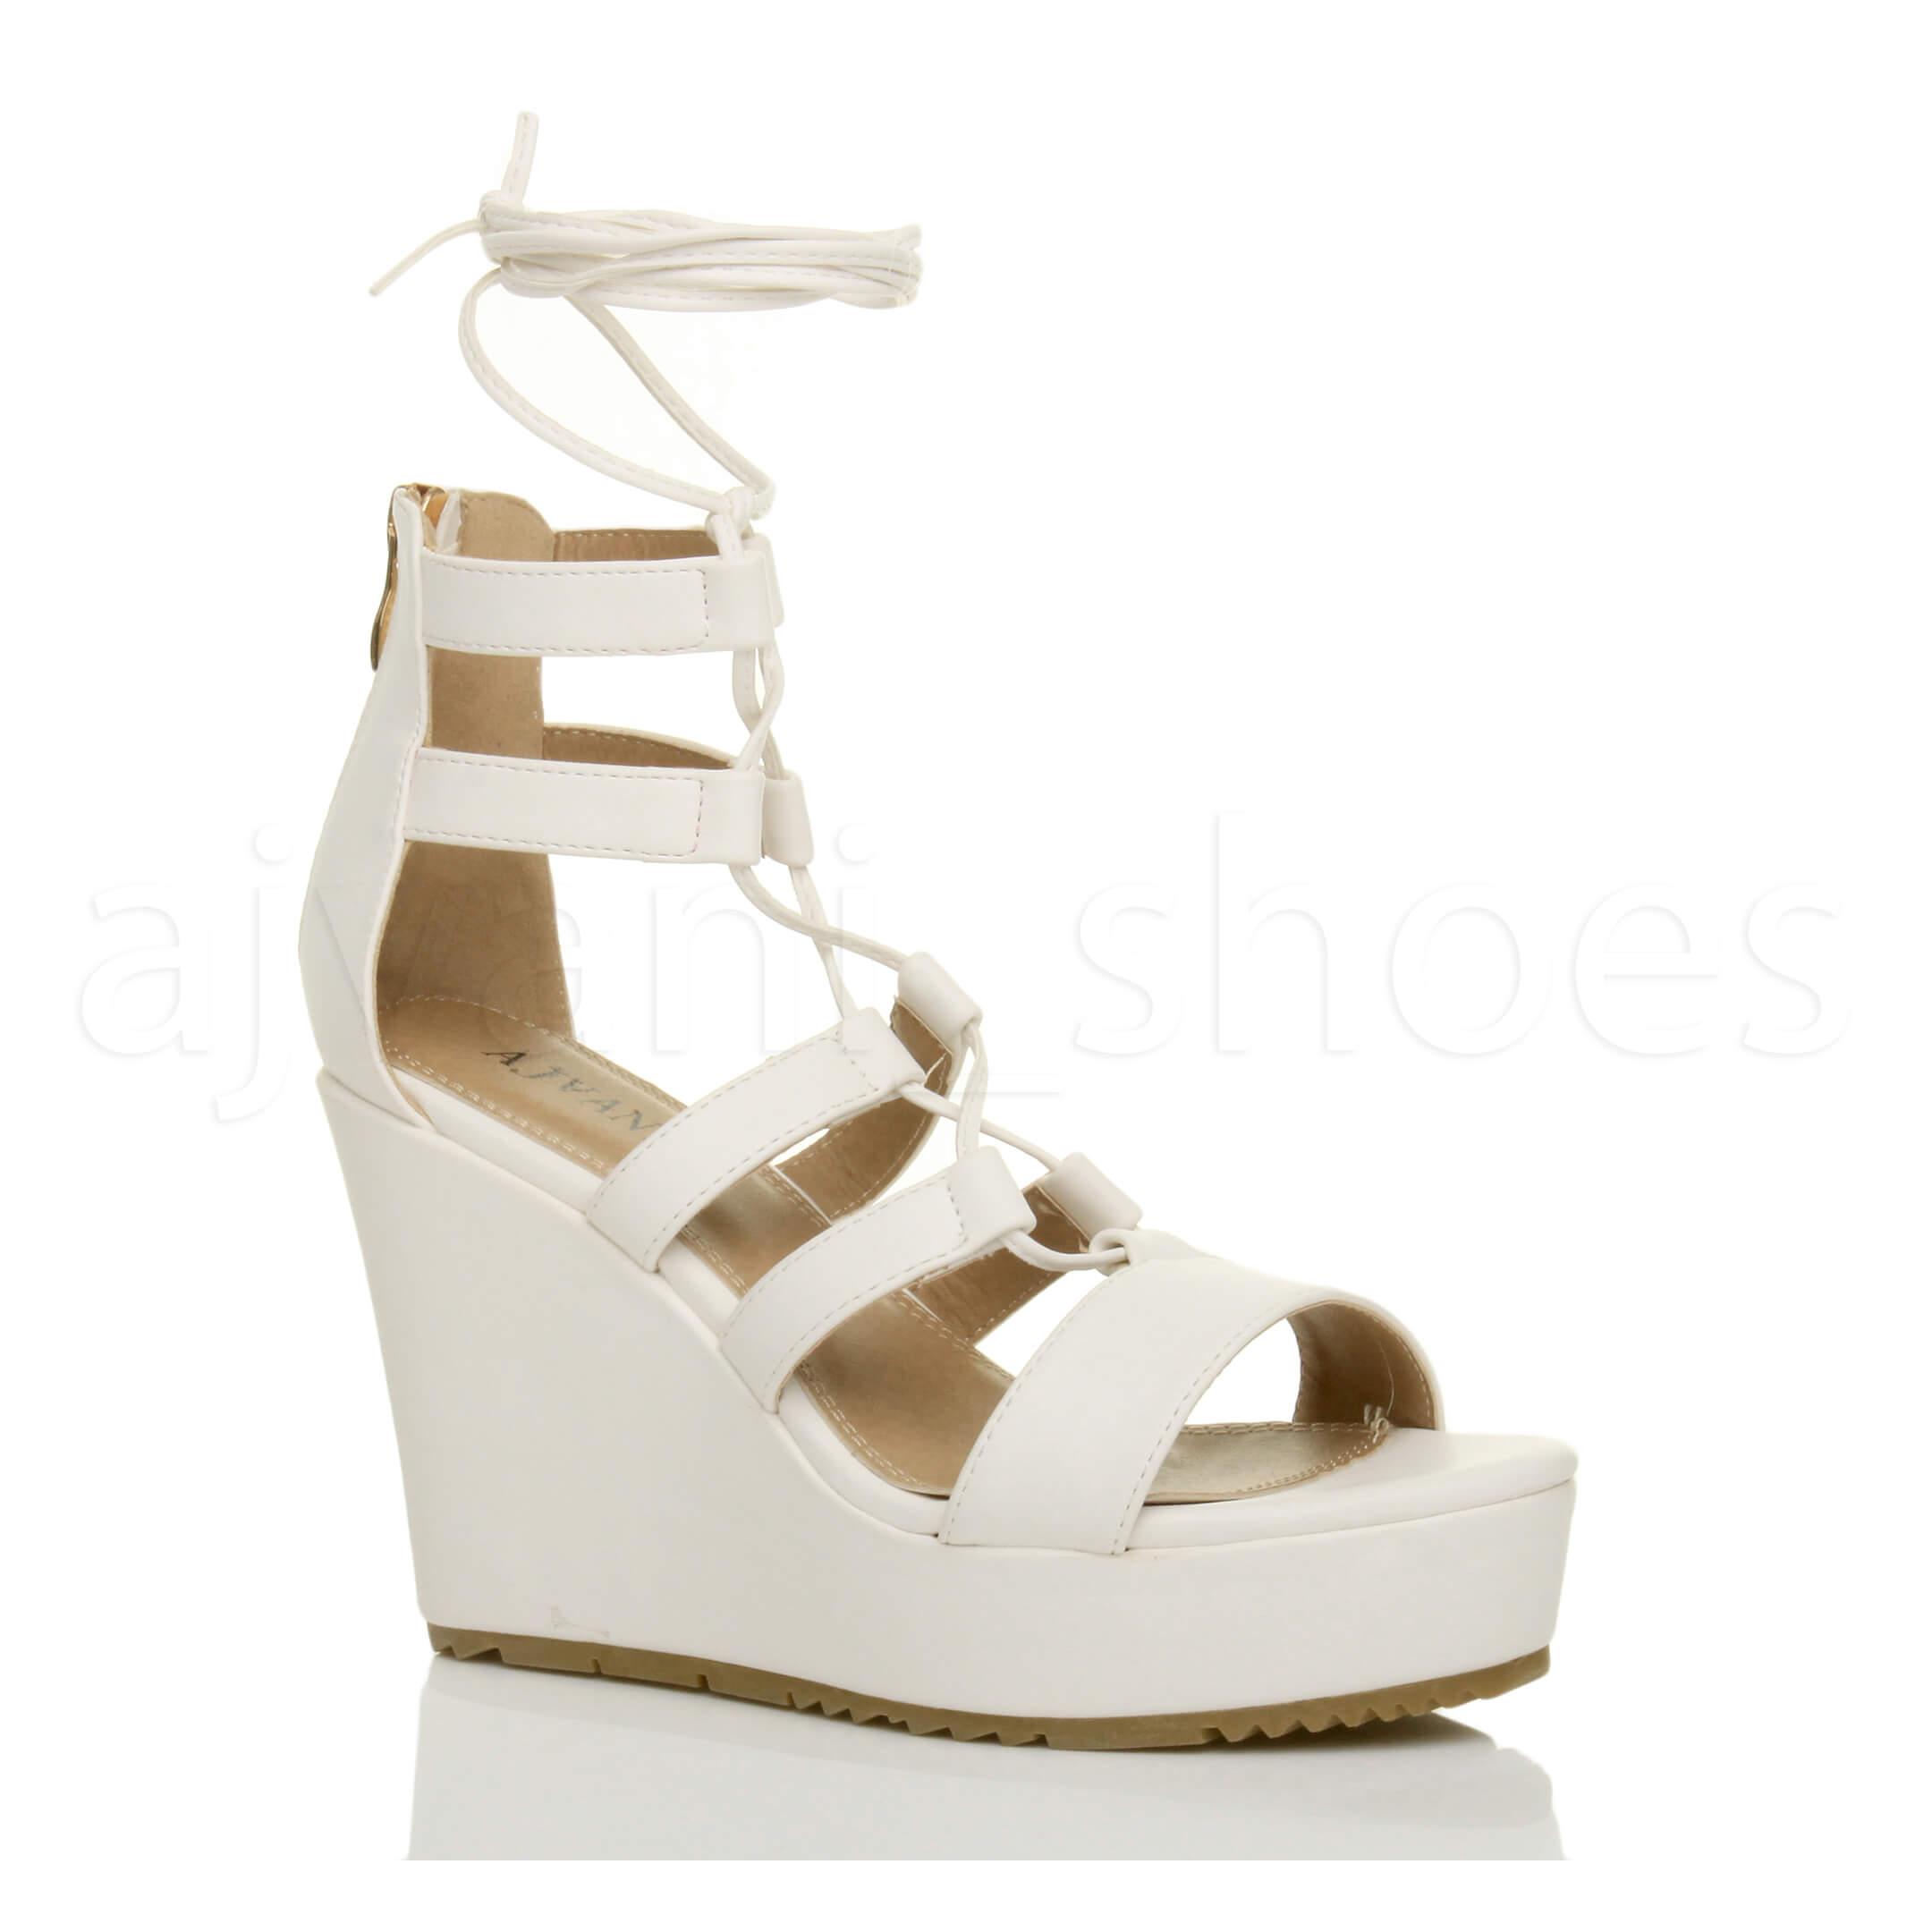 Donna zeppa alta cinturino stringhe gladiatore sandali scarpe numero 3 36 vTUhmH7T4